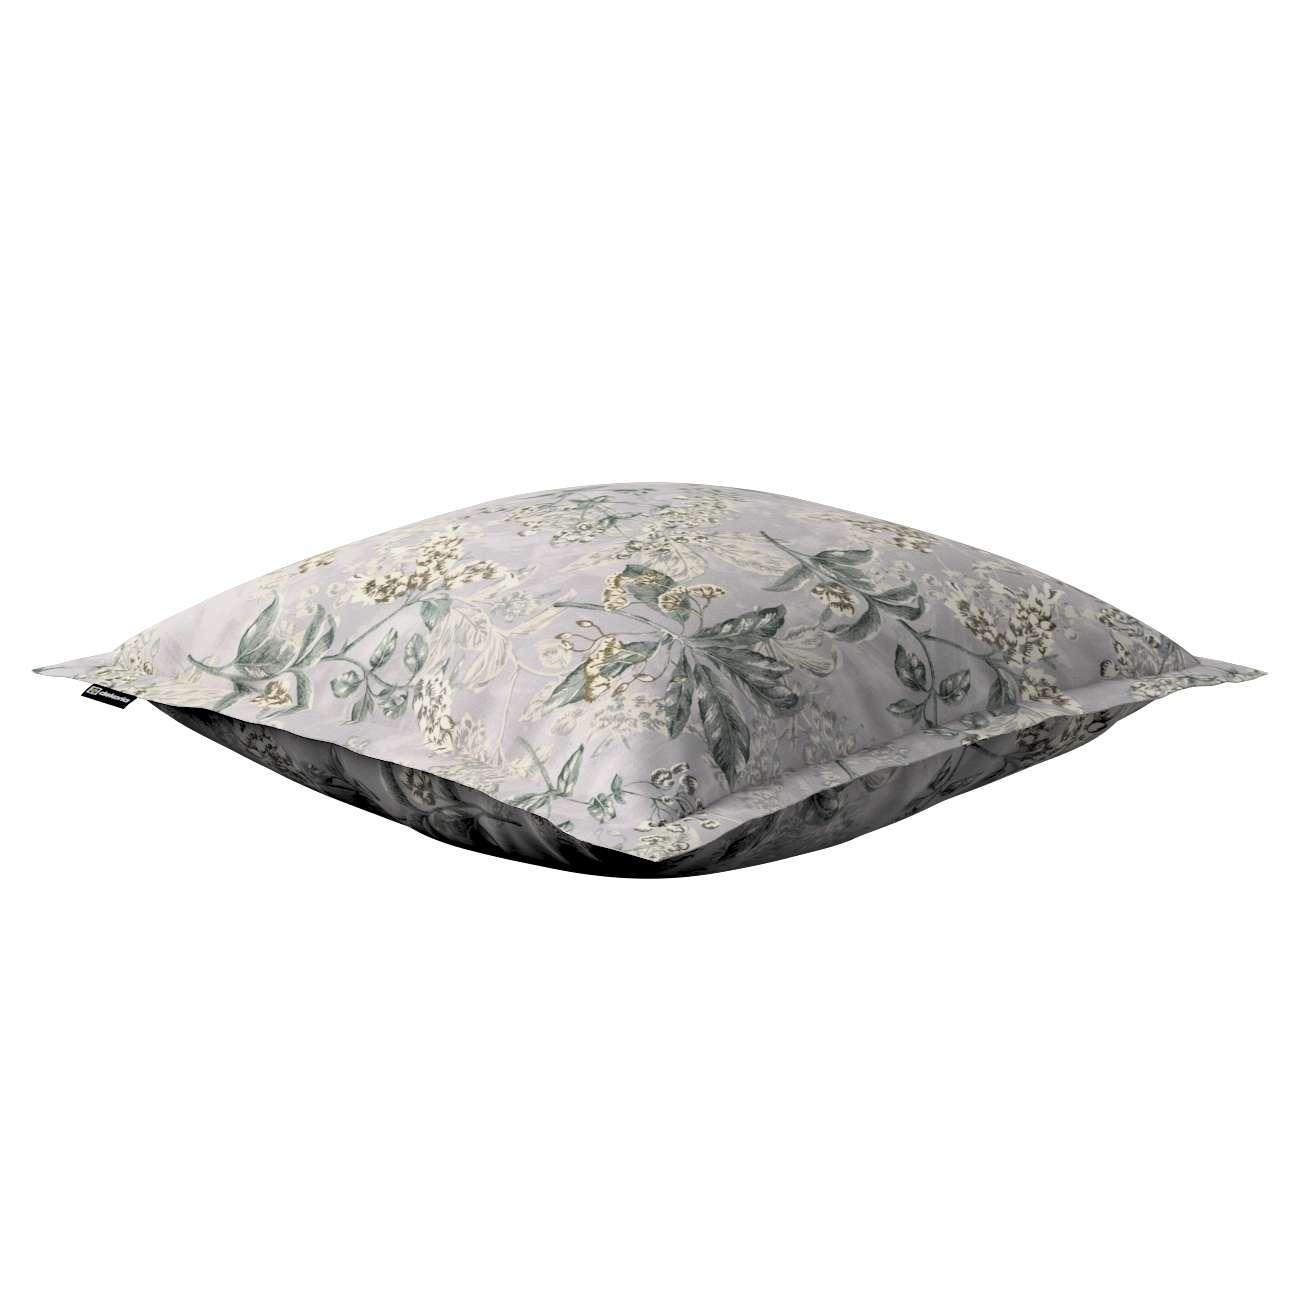 Poszewka Mona na poduszkę w kolekcji Londres, tkanina: 143-37